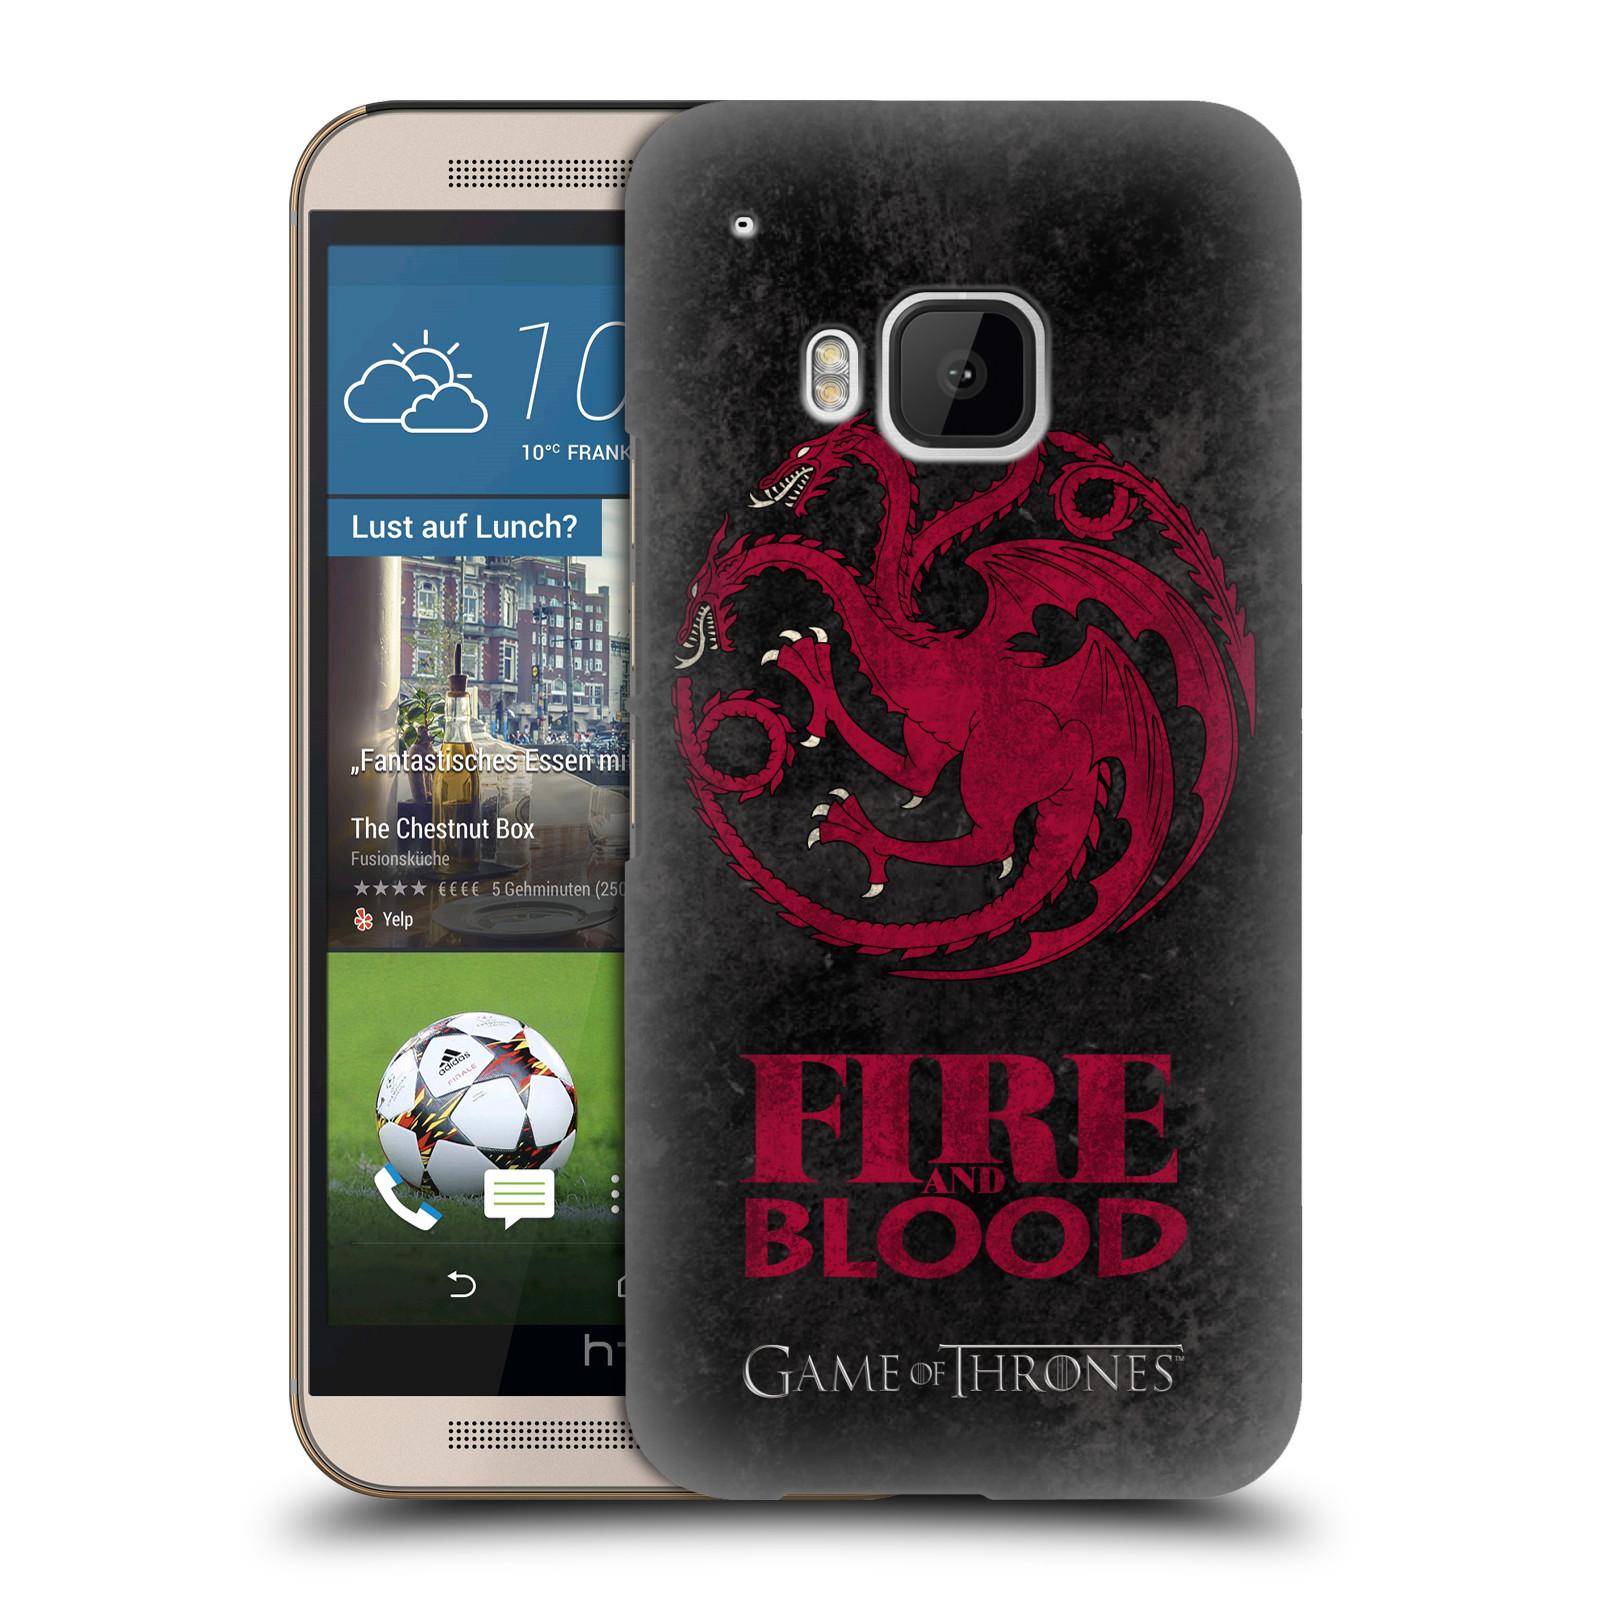 Plastové pouzdro na mobil HTC ONE M9 HEAD CASE Hra o trůny - Sigils Targaryen - Fire and Blood (Plastový kryt či obal na mobilní telefon s licencovaným motivem Hra o trůny - Game Of Thrones pro HTC ONE M9)